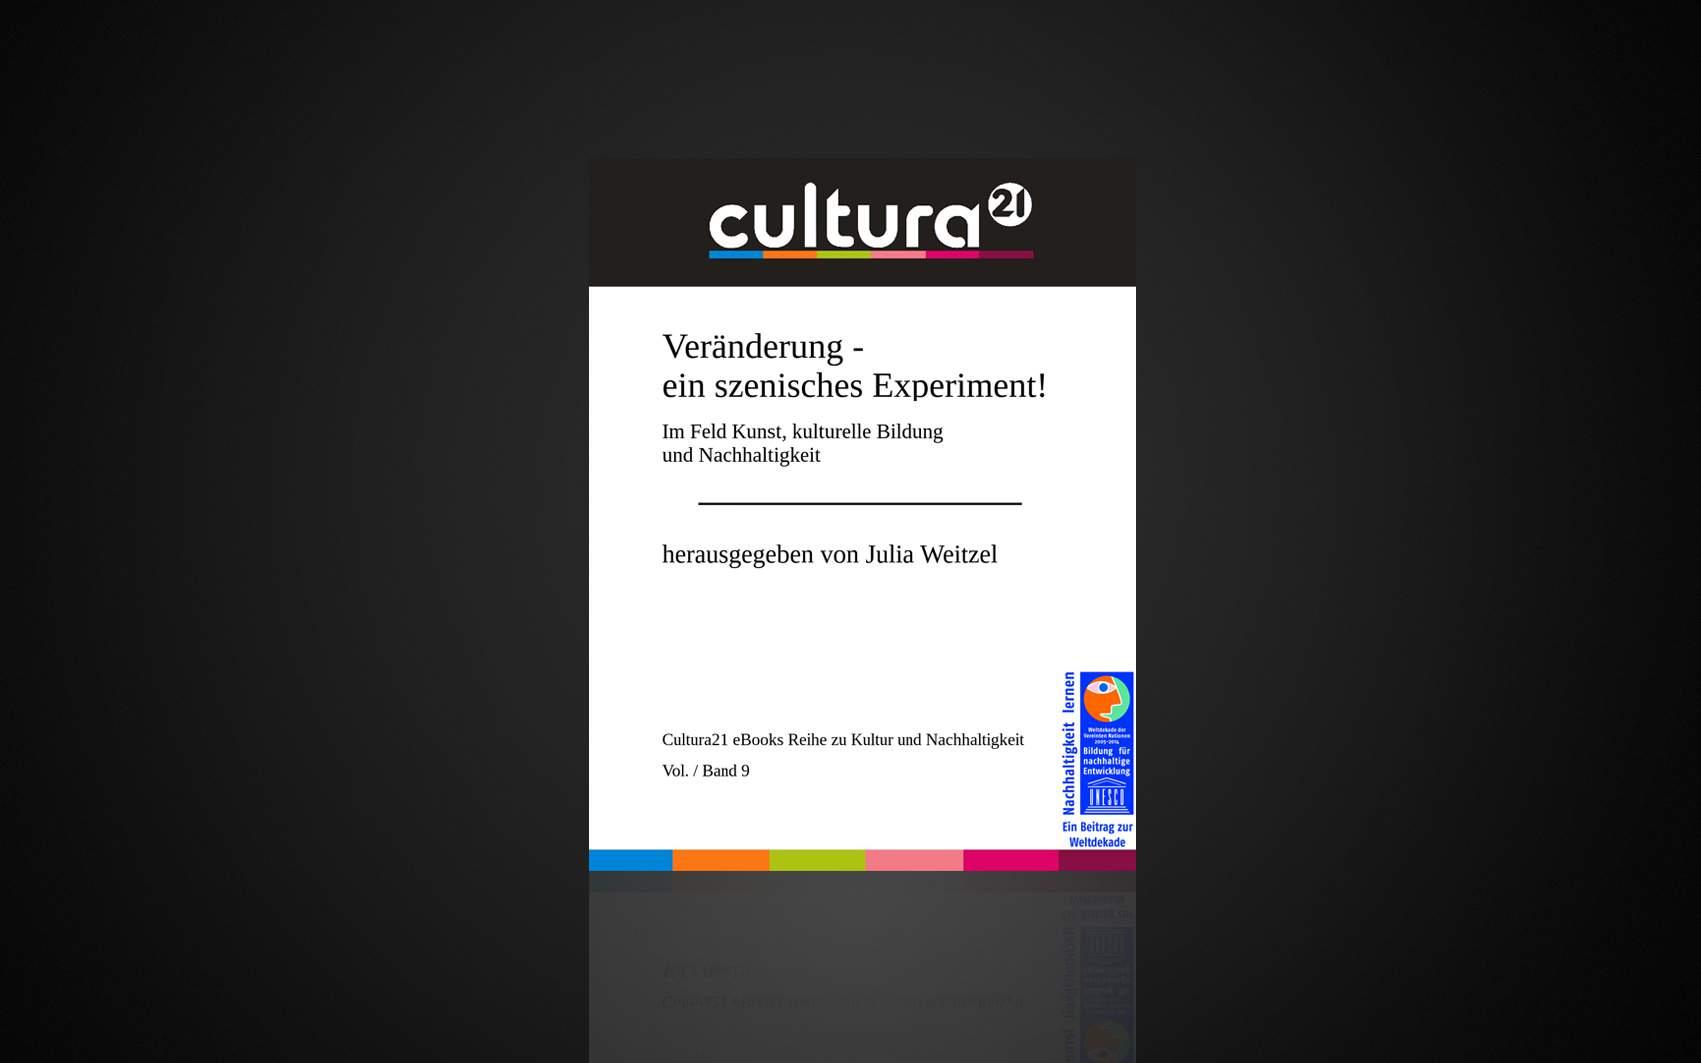 Im Feld Kunst, kulturelle Bildung und Nachhaltigkeit